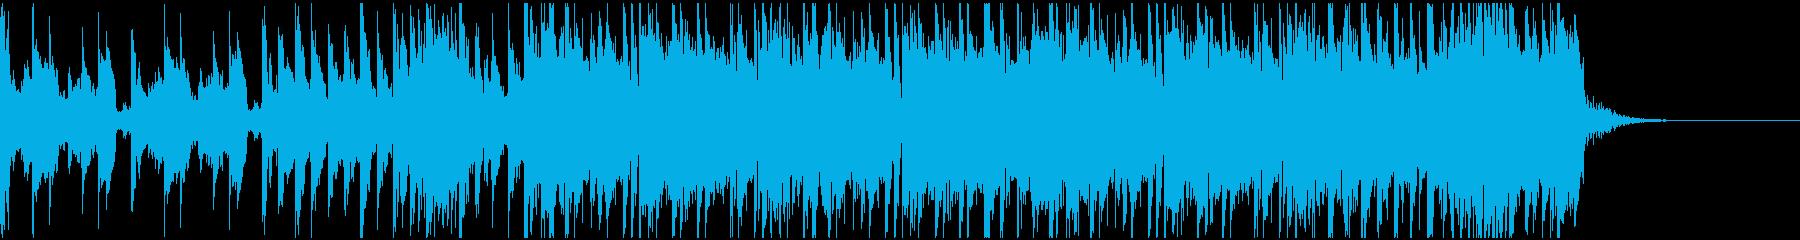 ハードでドラムンベースなジングルの再生済みの波形